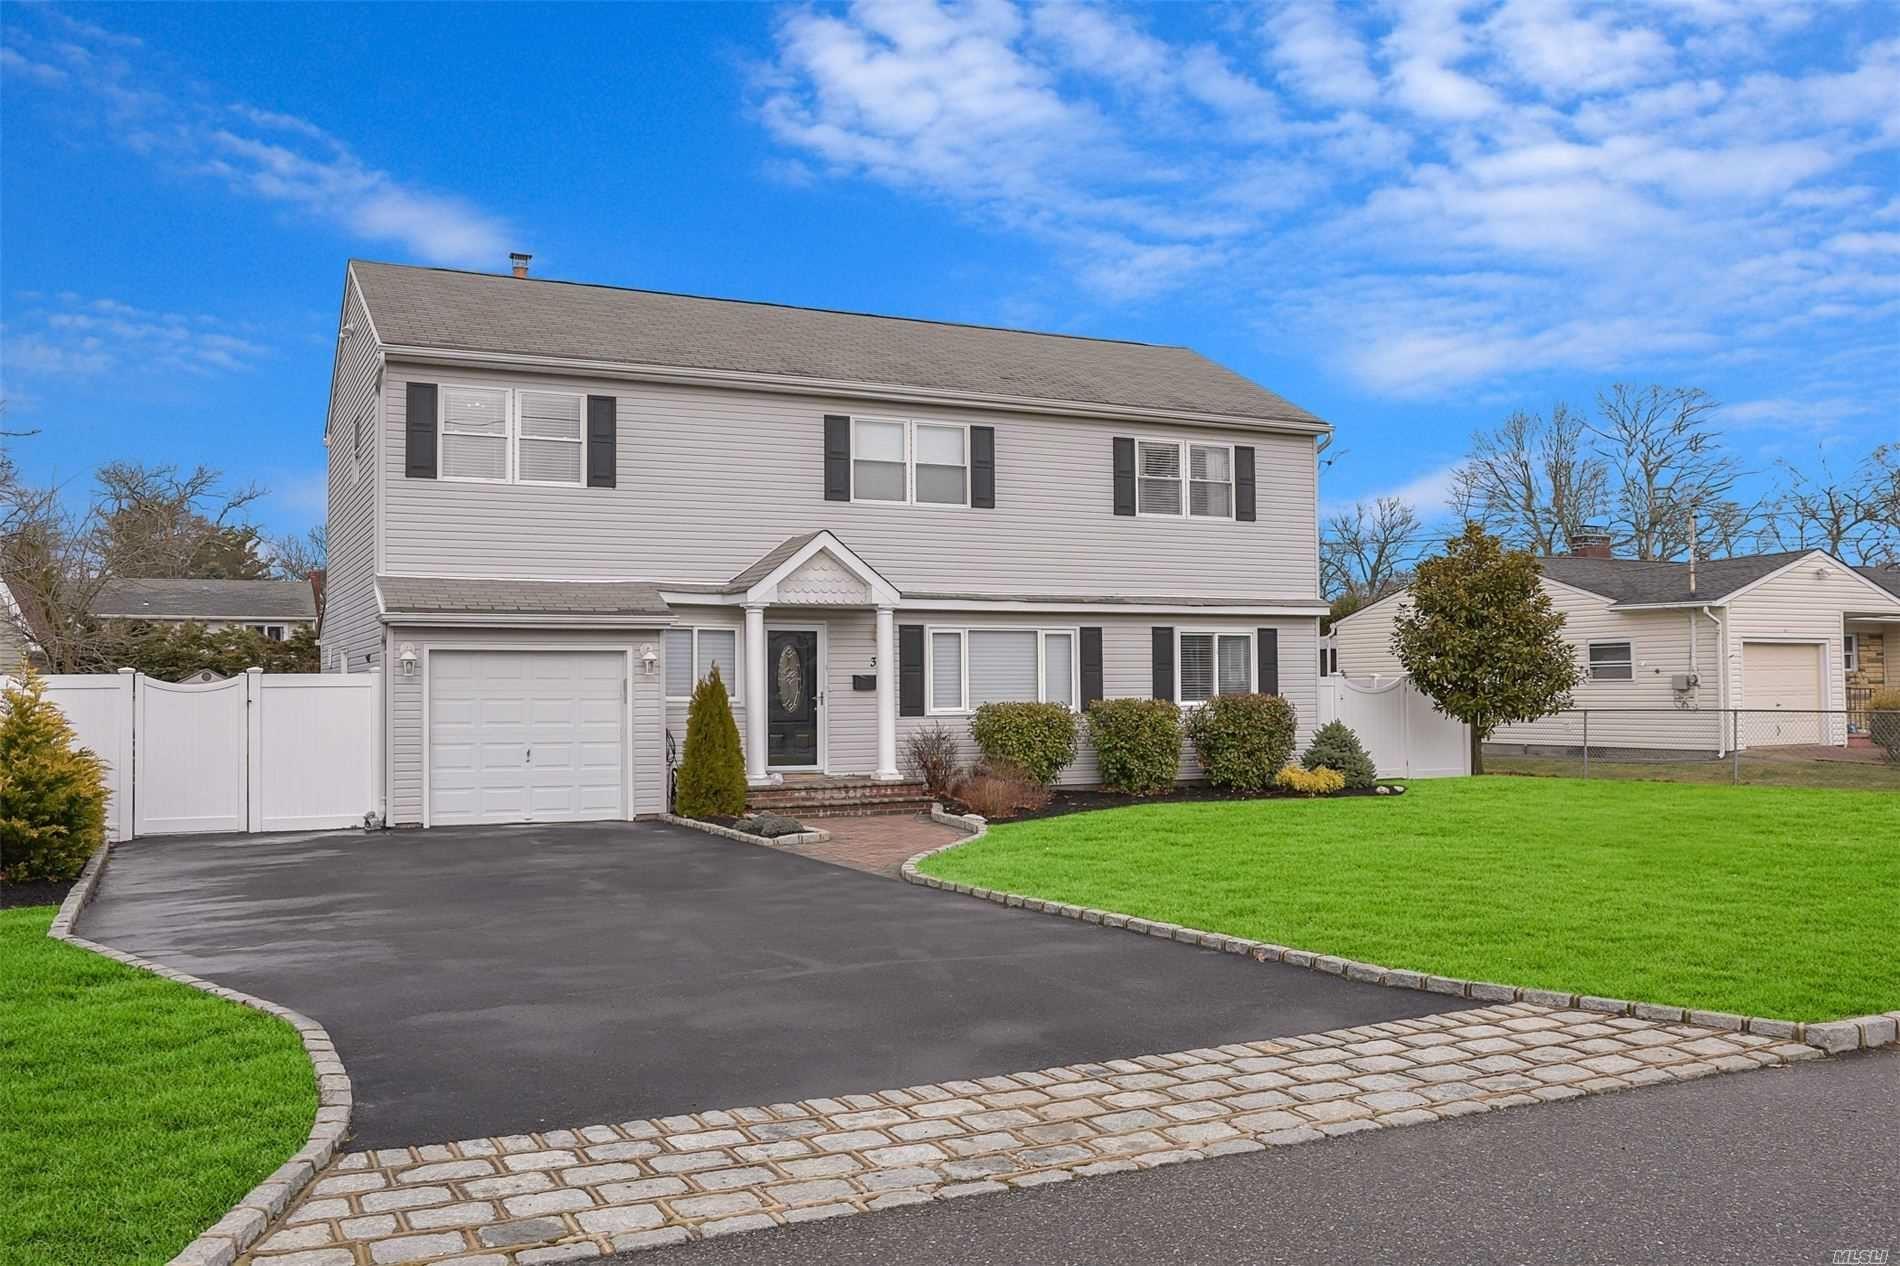 39 Gwendolyn Pl, East Islip, NY 11730 - MLS#: 3214457